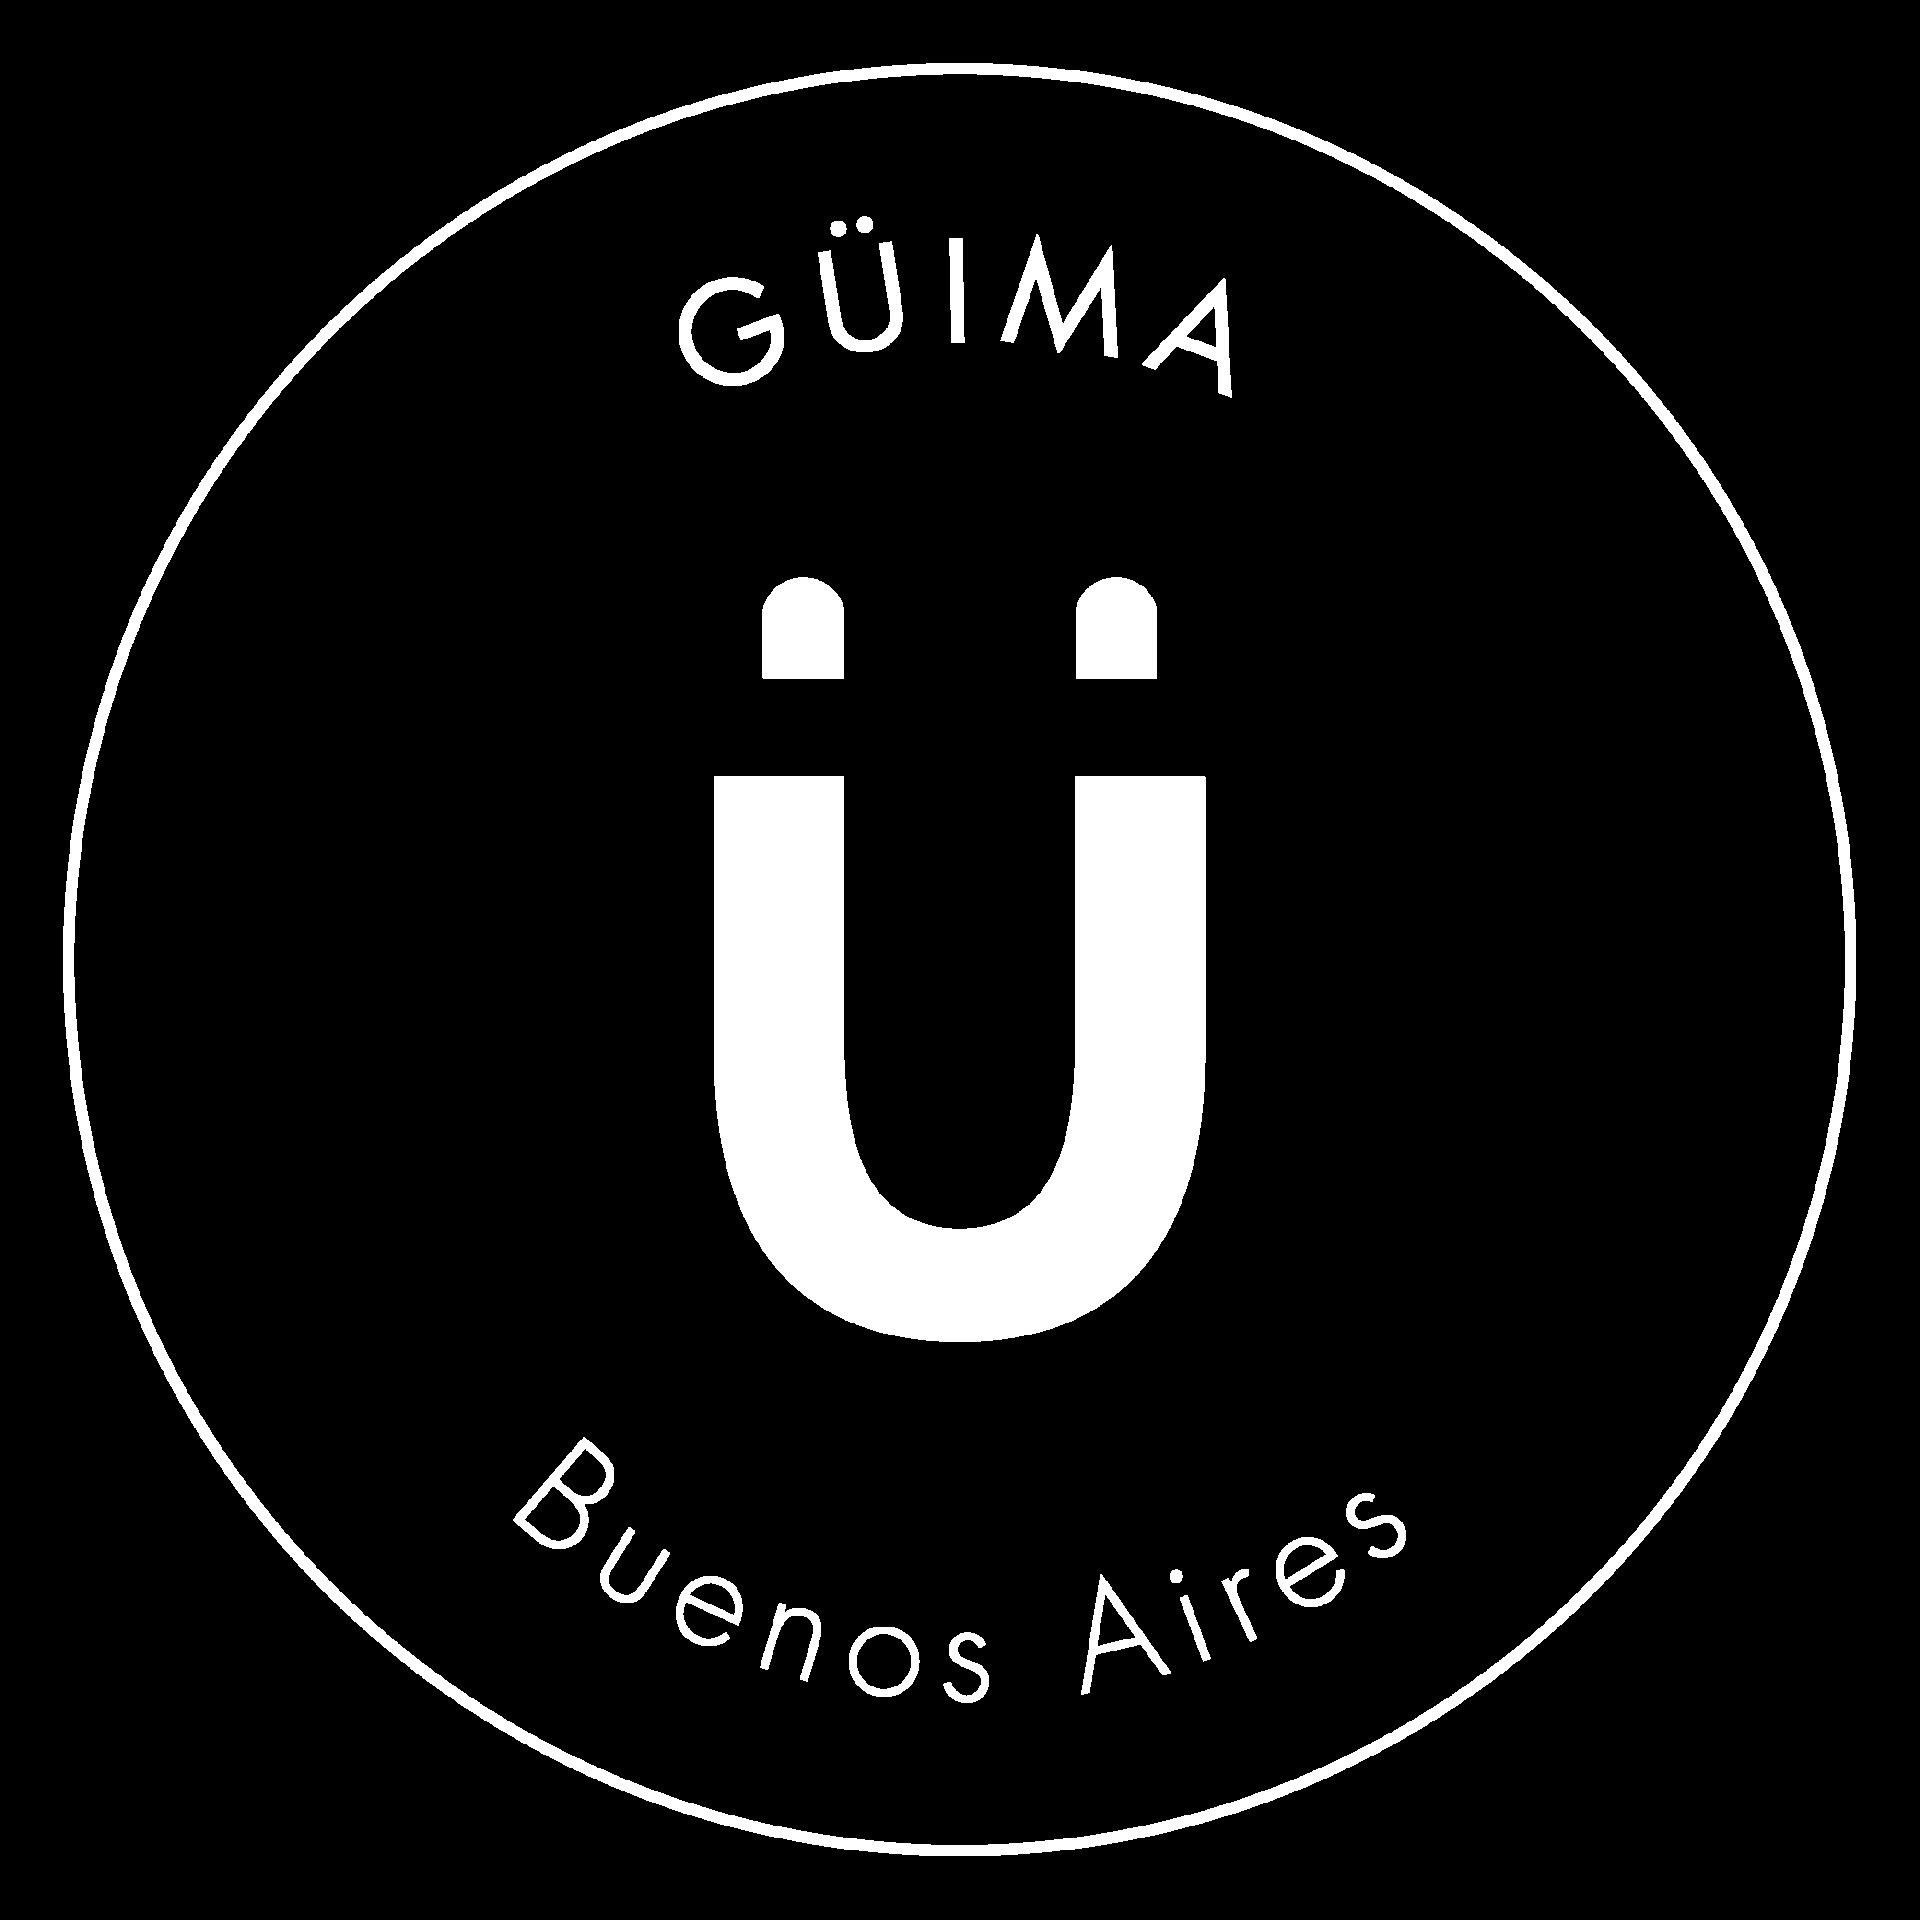 GÜIMA BUENOSAIRES